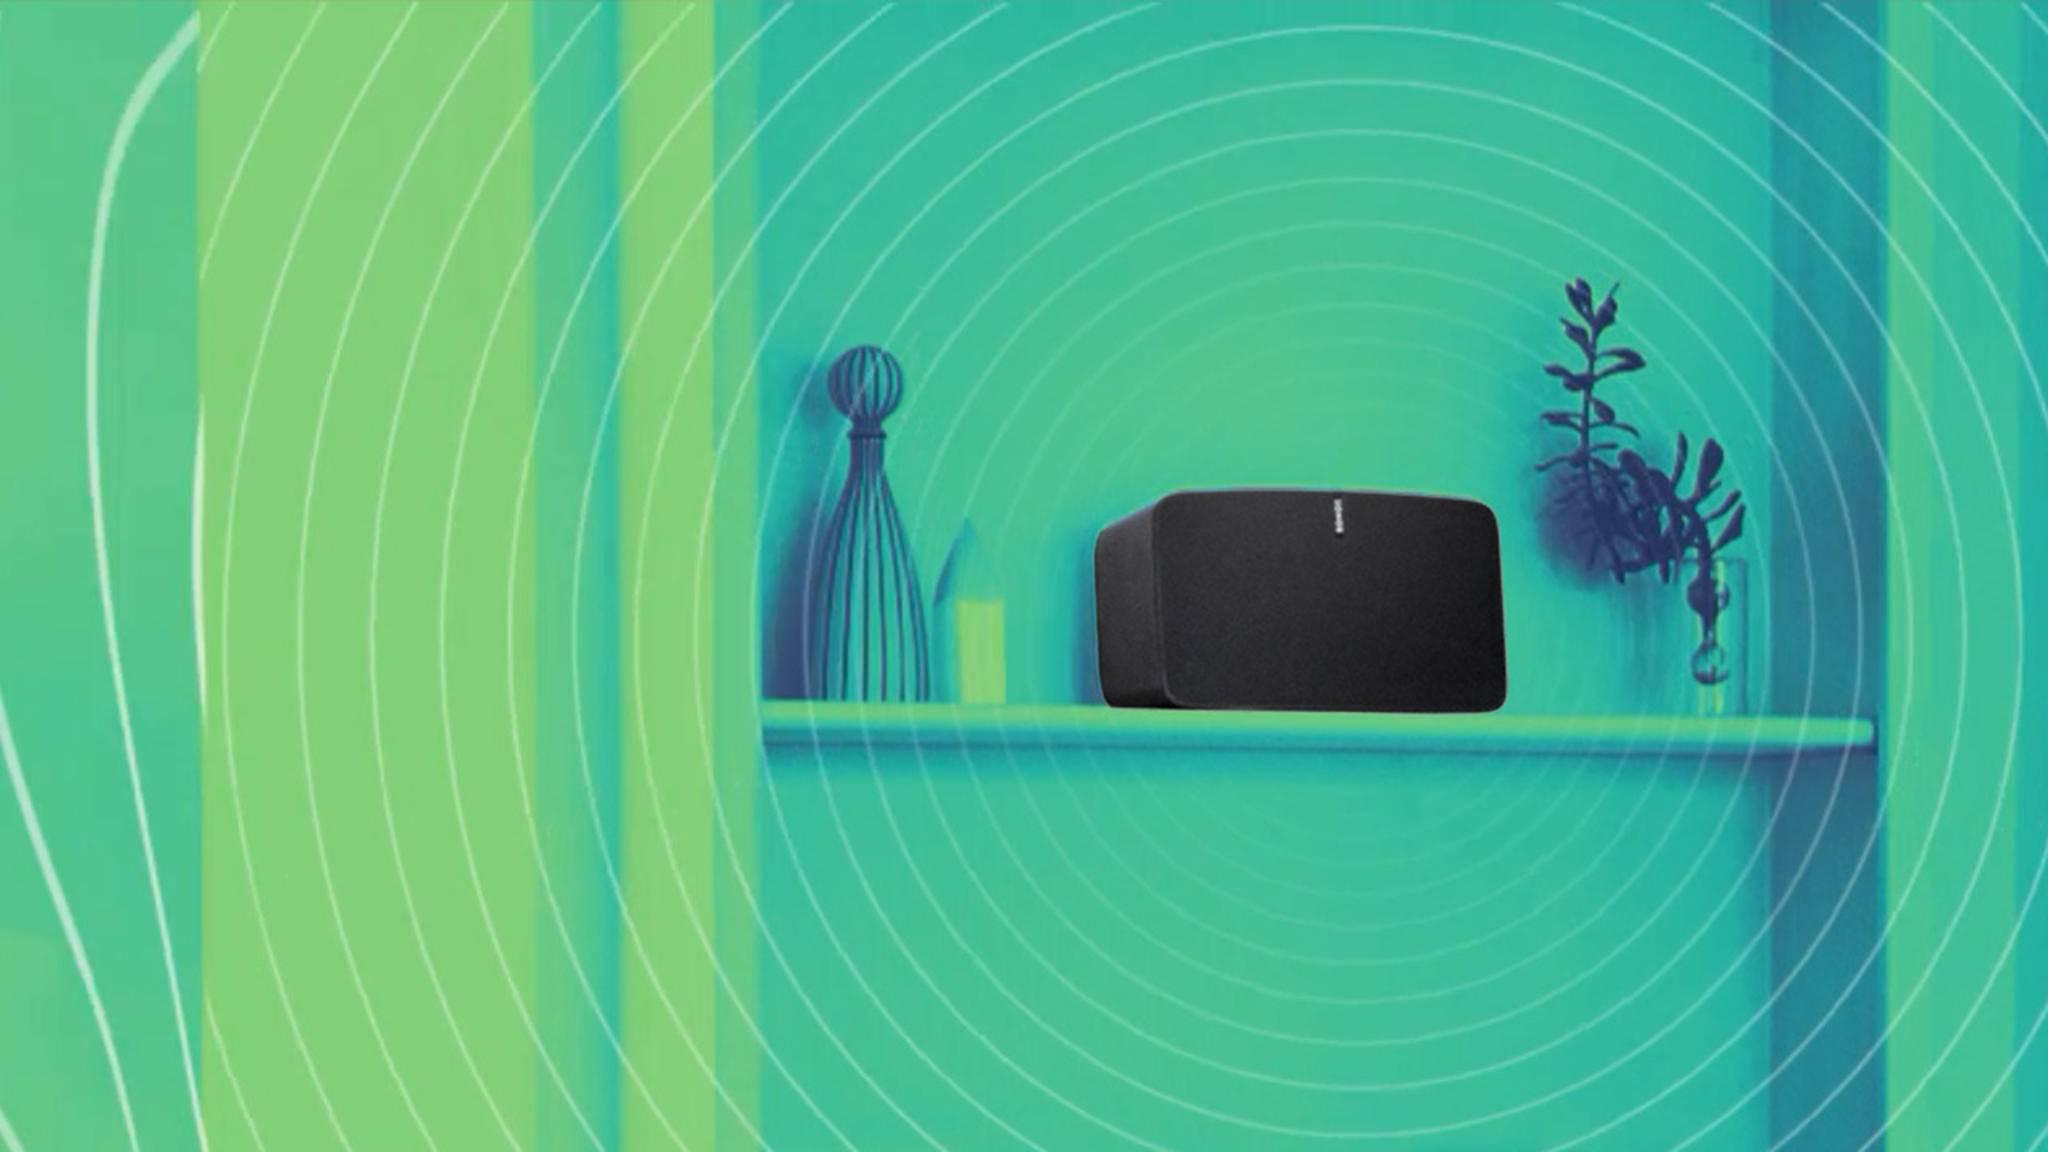 Du willst YouTube-Songs über Deinen Sonos-Lautsprecher hören? Wir erklären, wie das funktioniert.